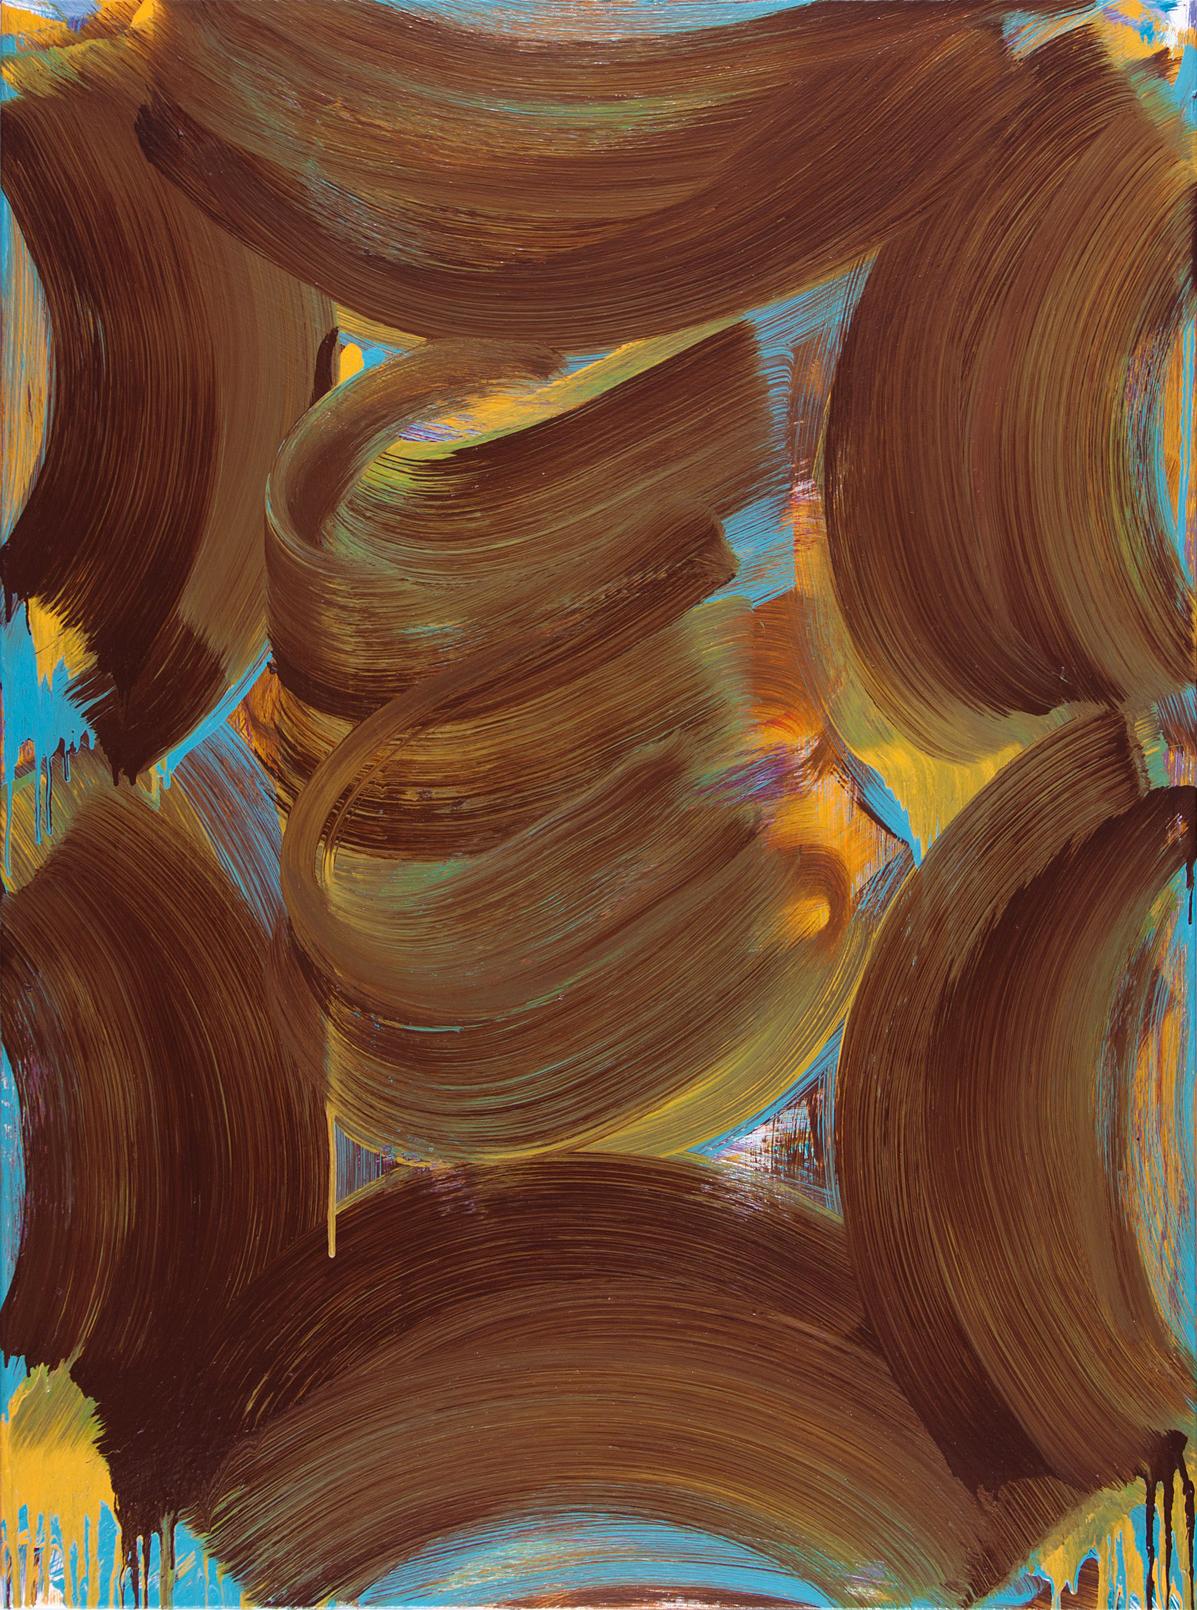 Rock-A-Bye , 2015 oil on canvas 34 x 30 in.